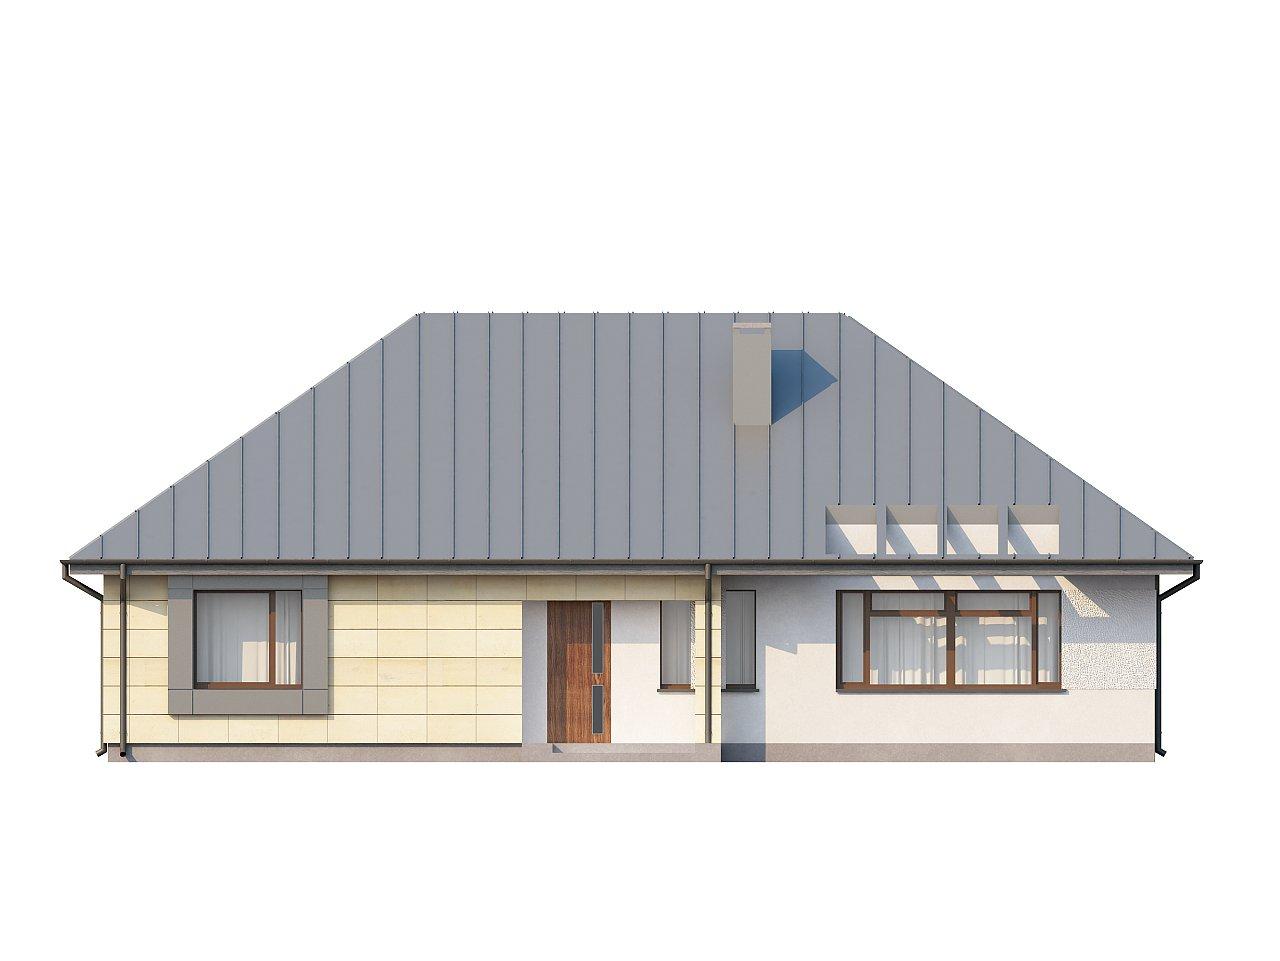 Одноэтажный дом с возможностью обустройства чердачного помещения, оптимальный для южного въезда на участок. 13